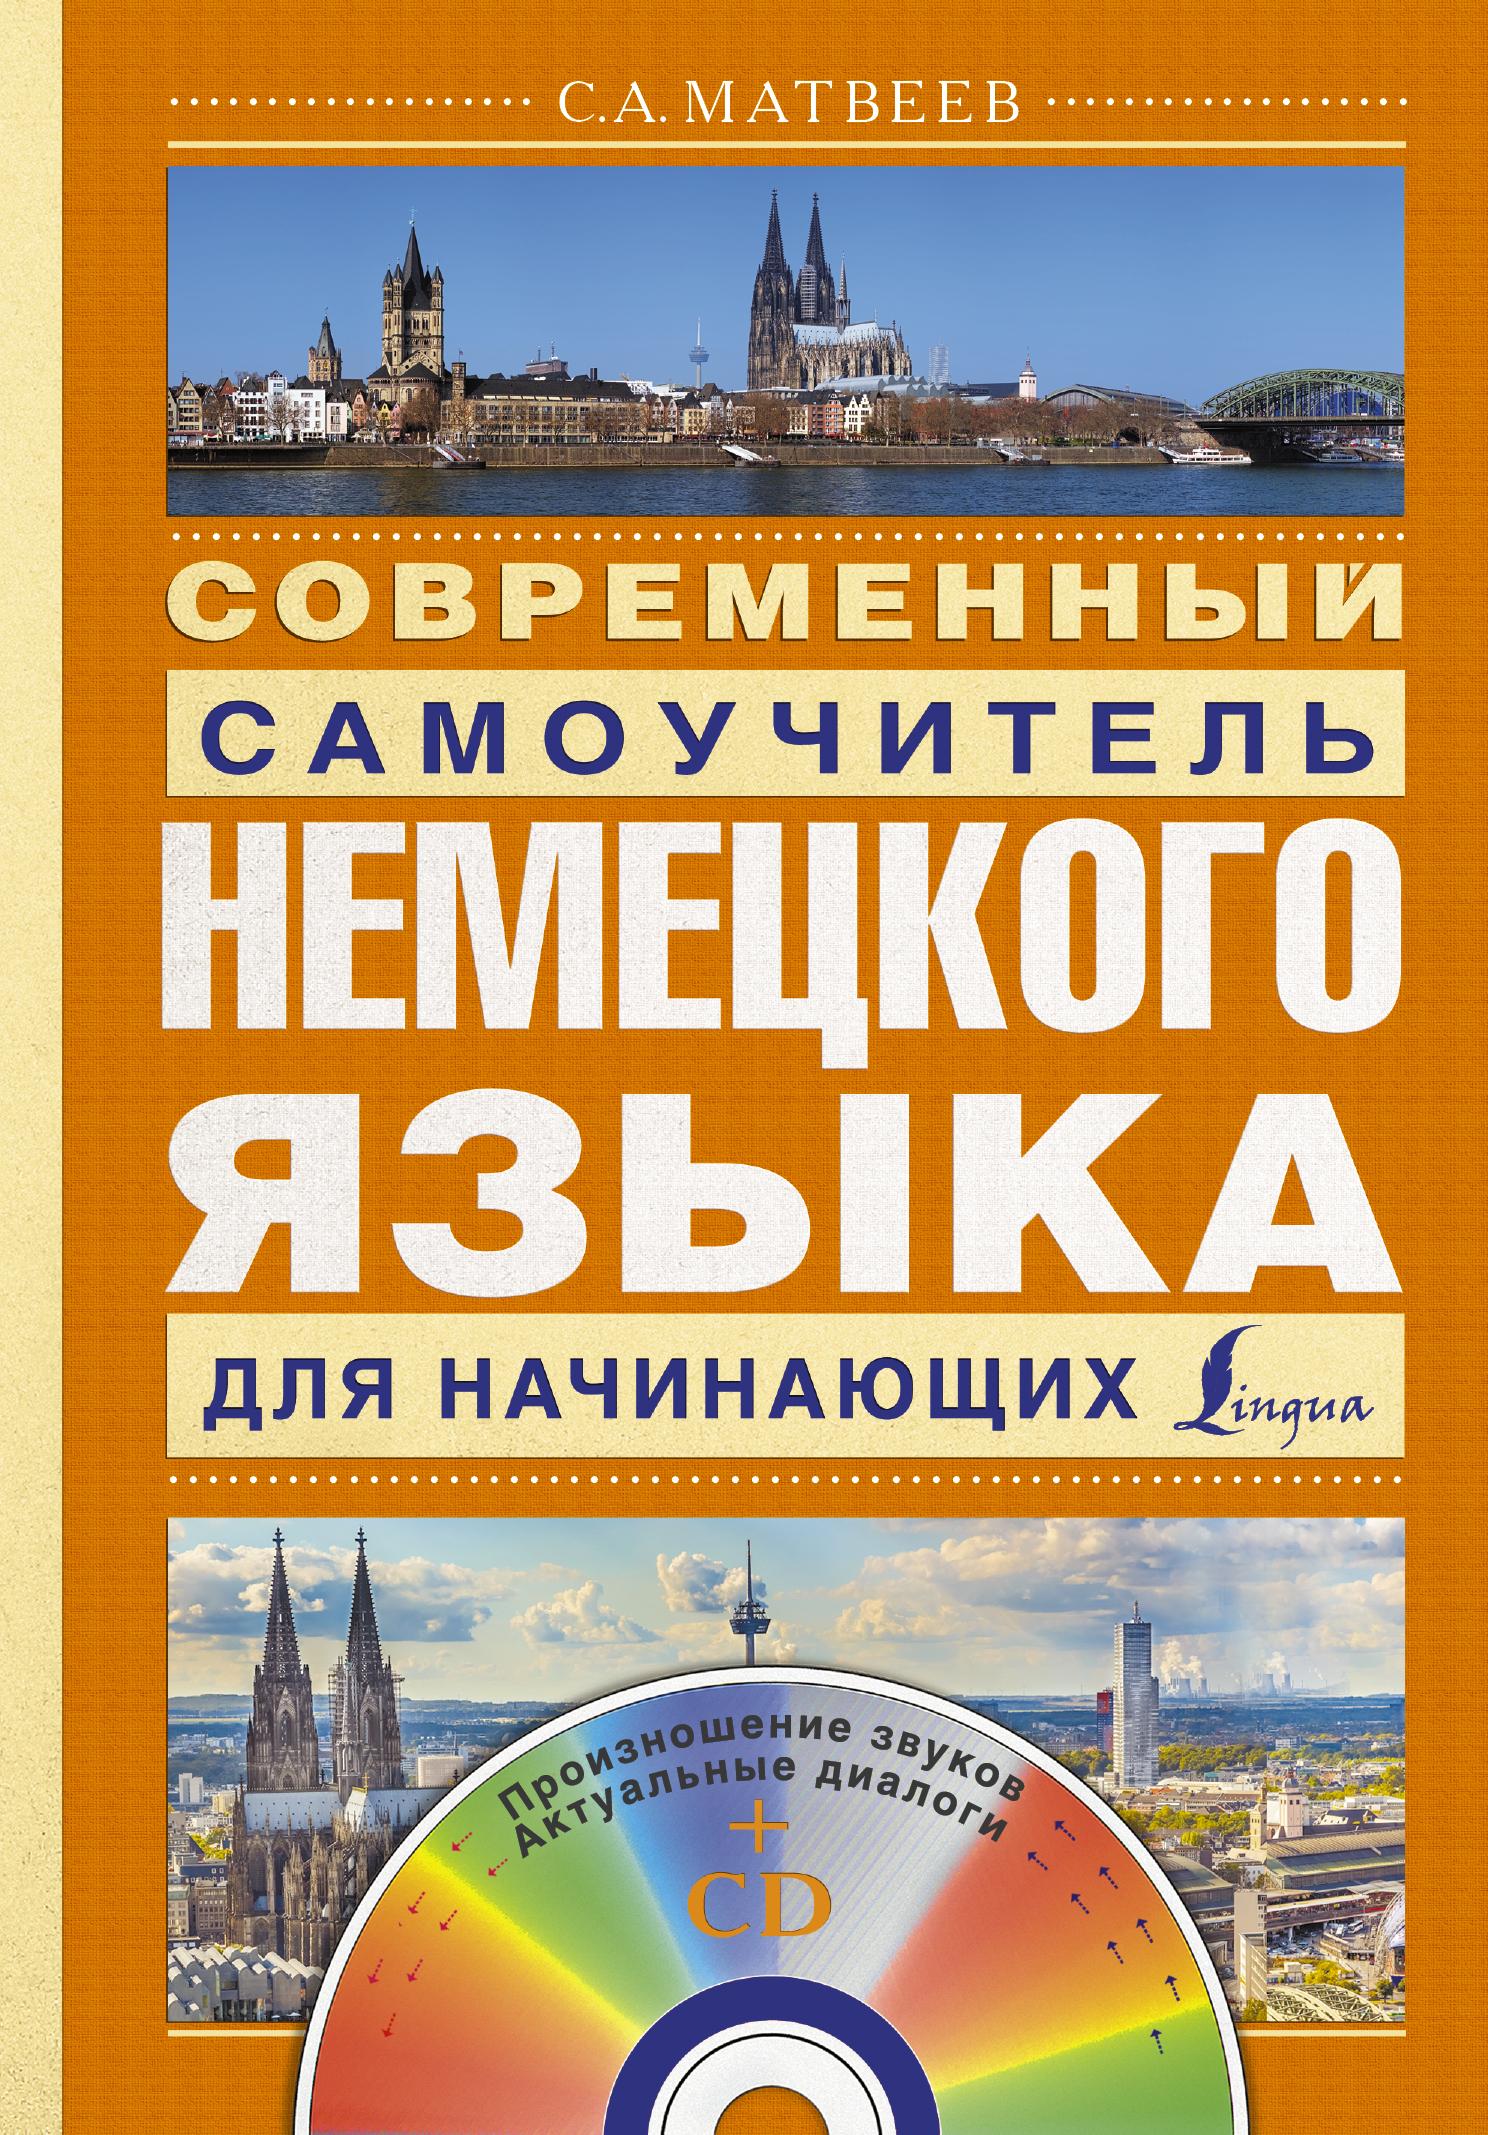 Матвеев С.А. Современный самоучитель немецкого языка для начинающих + CD